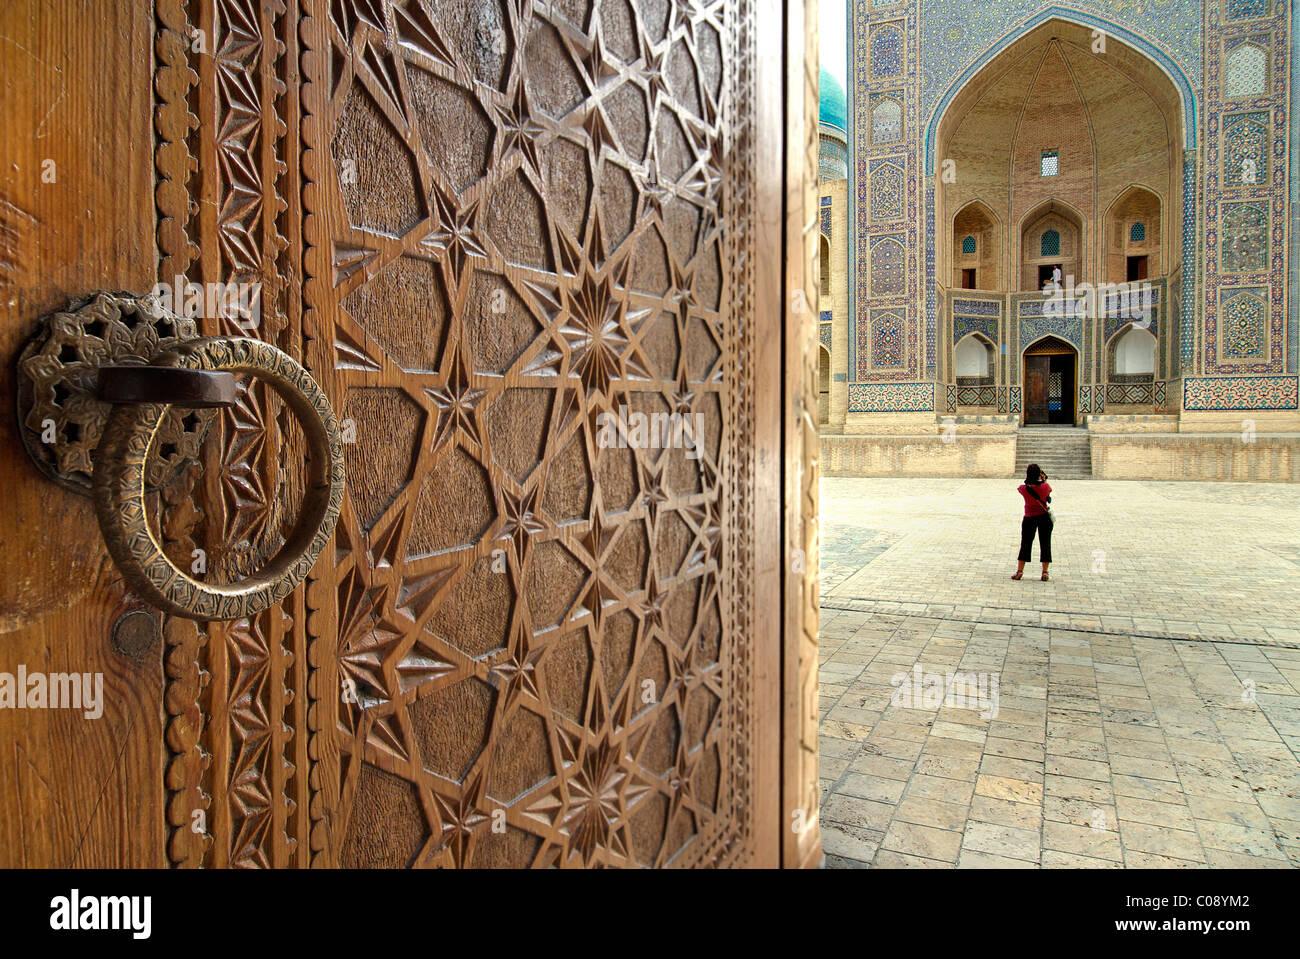 Il MIR-i-arab madrasa visto oltre gli ornati Porte scolpite della moschea Kalon, Bukhara, Uzbekistan Immagini Stock